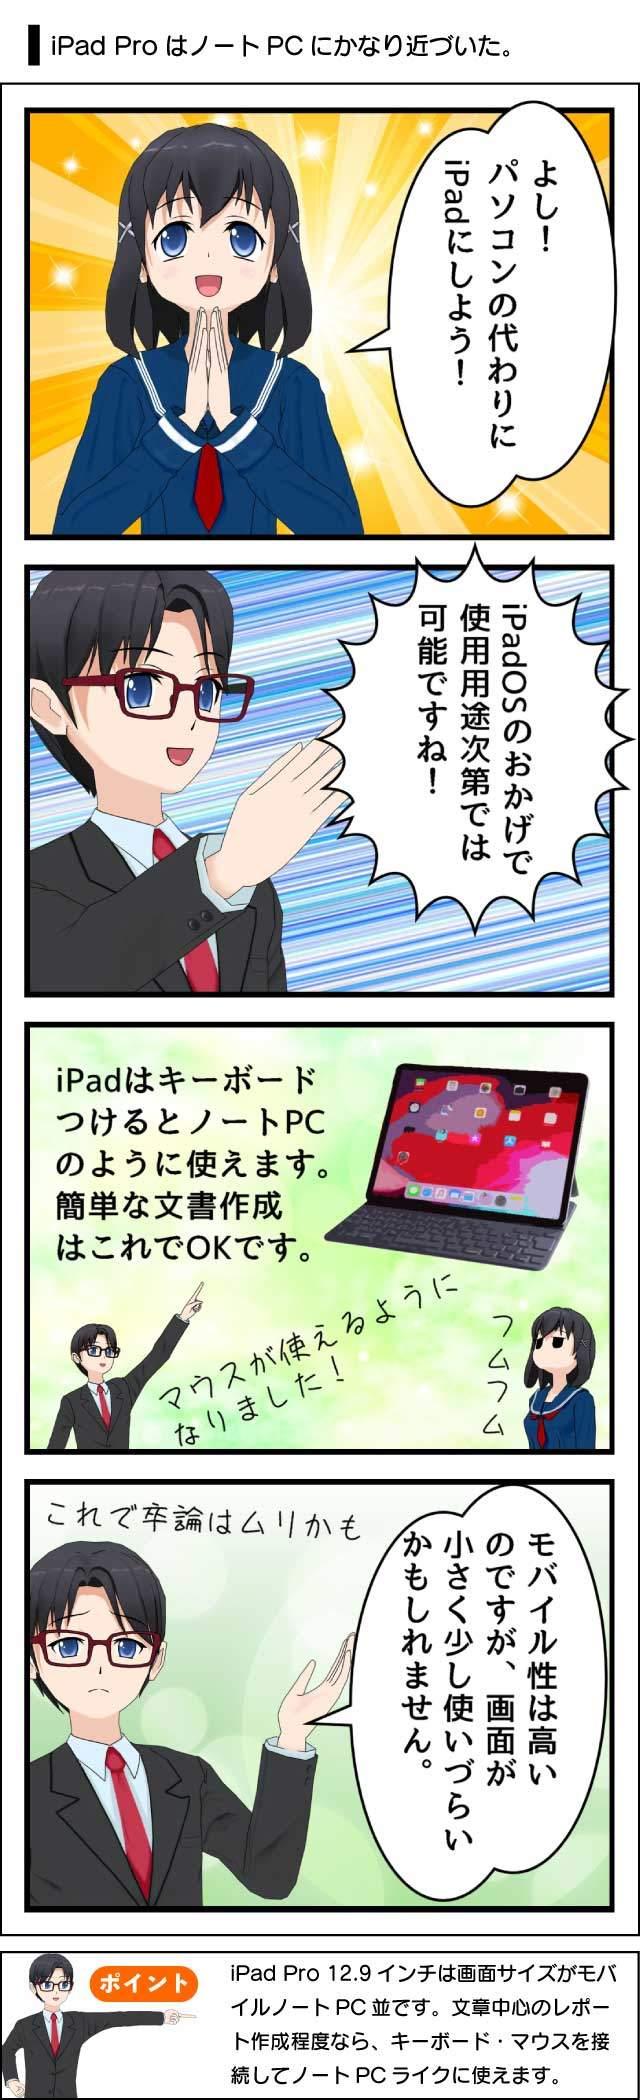 iPad ProはノートPCの代わりになりうるかもしれない